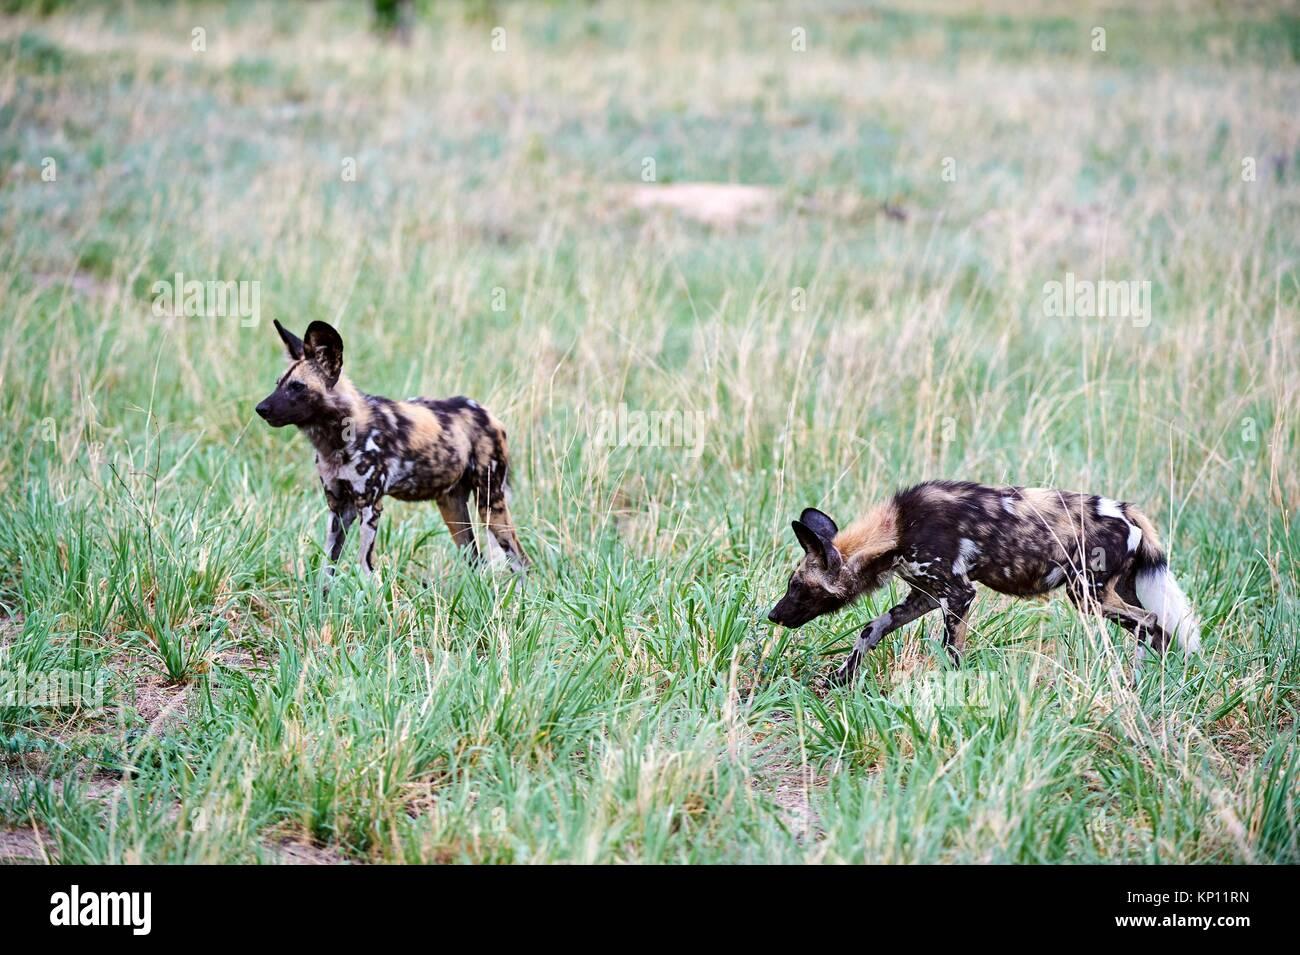 Deux lycaons (Lycaon pictus) marche dans la savane. Le parc national de Hwange, Zimbabwe. Photo Stock